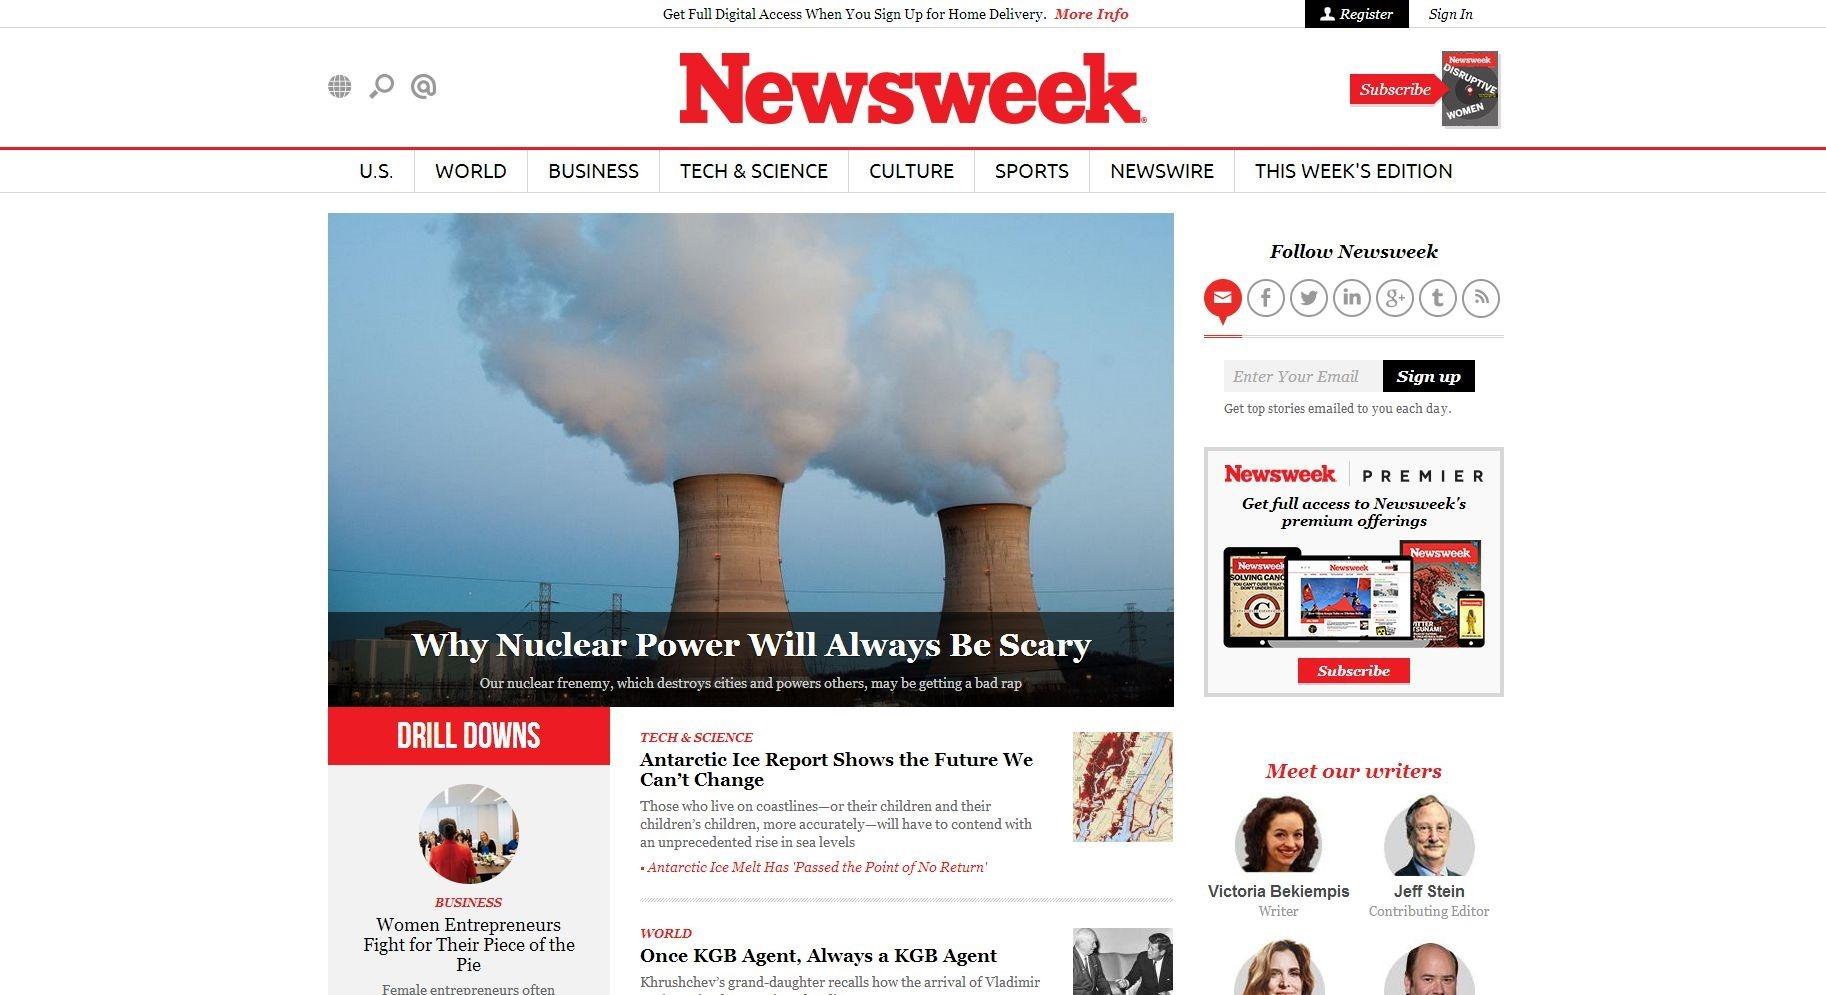 www_newsweek_com